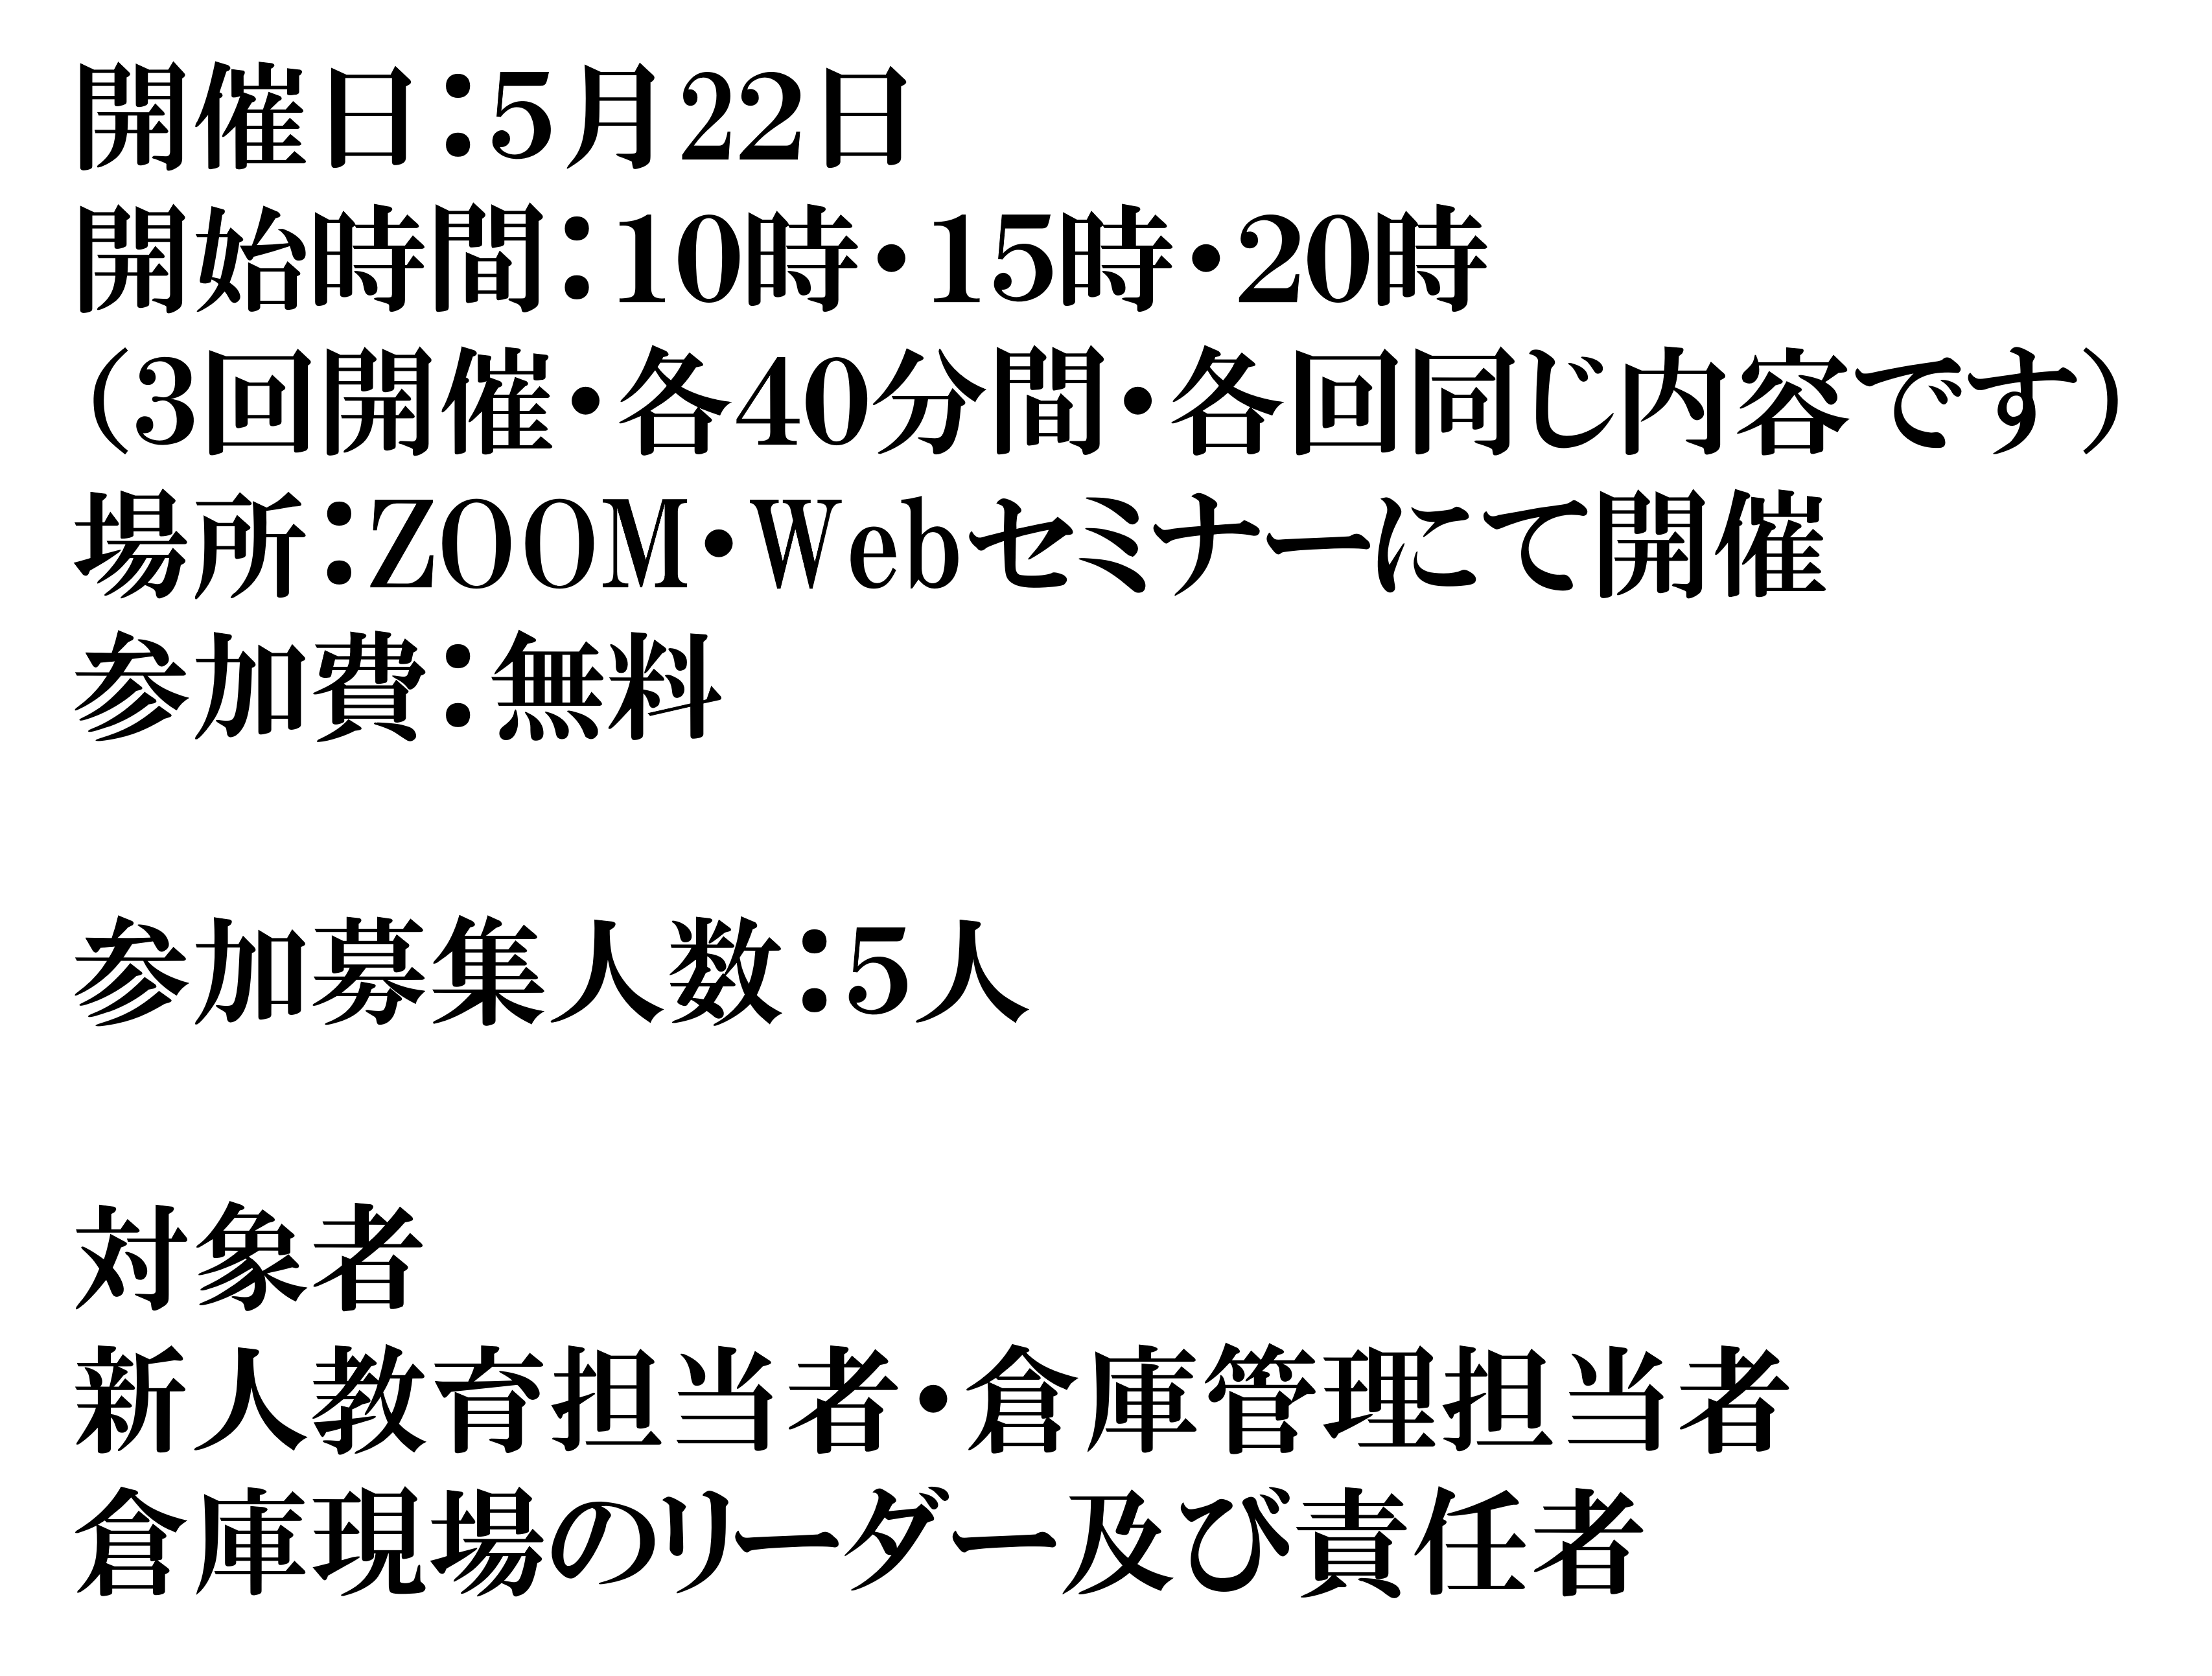 開催日:5月22日 開始時間:10時・15時・20時 (3回開催・各40分間・各回同じ内容です) 場所:ZOOM・Webセミナーにて開催 参加費:無料  参加募集人数:5人  対象者 新人教育担当者・倉庫管理担当者 倉庫現場のリーダー及び責任者